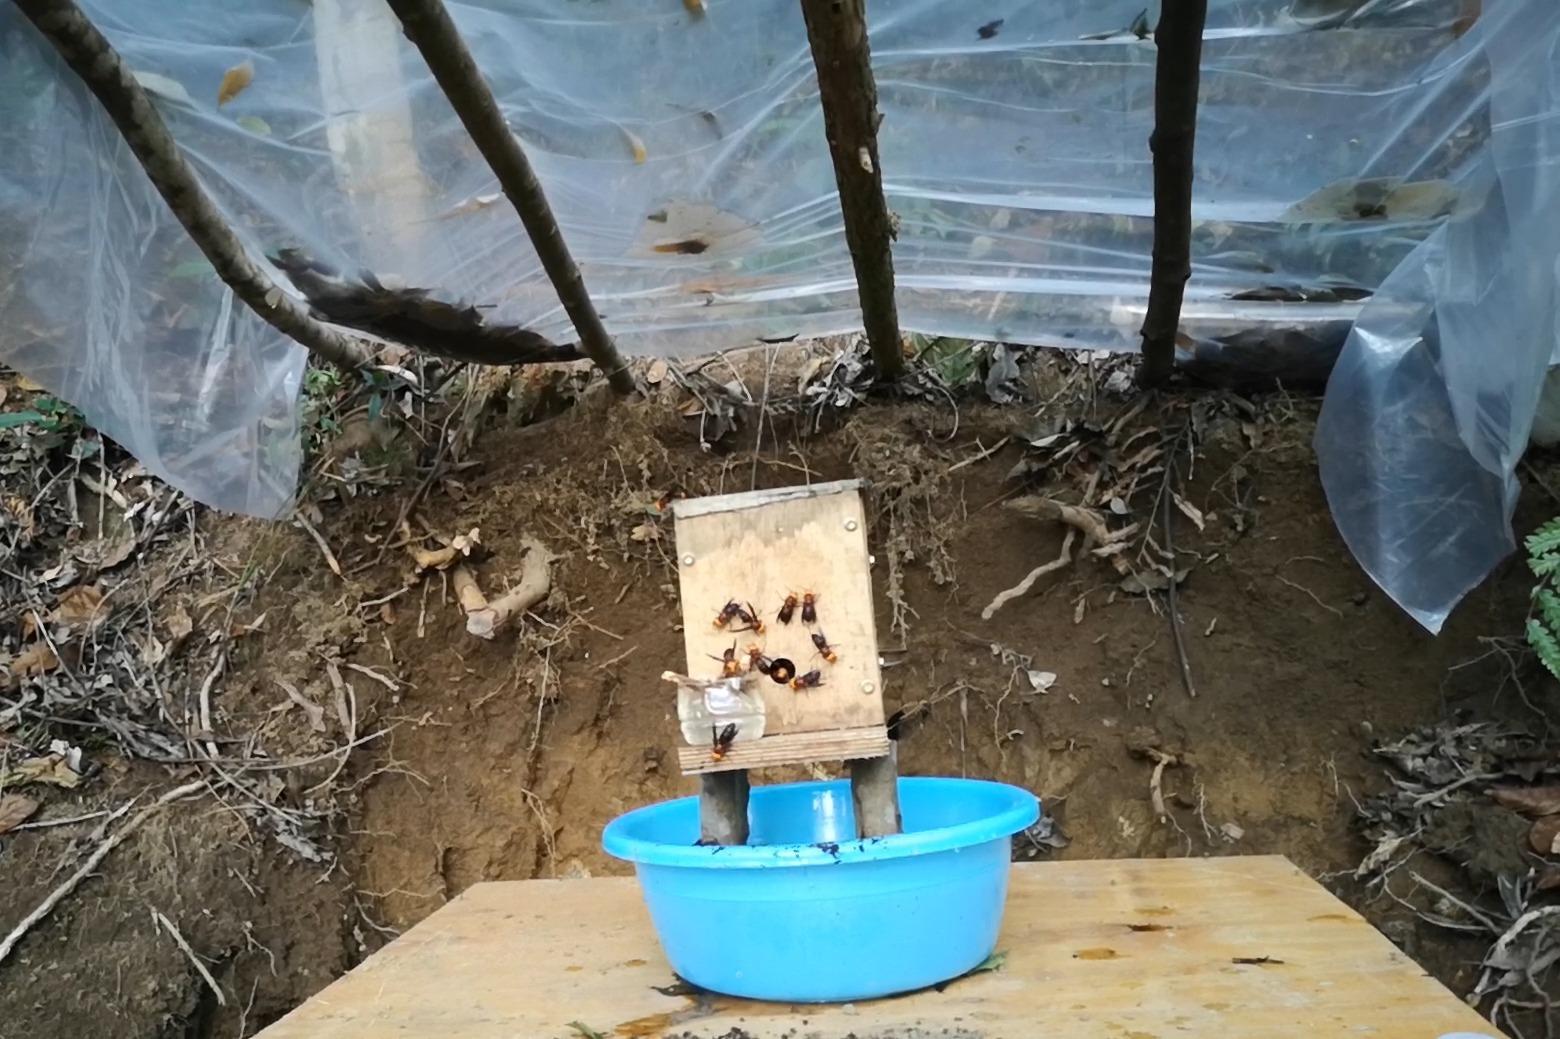 村夫养胡蜂vlog,检查胡蜂红娘养殖情况,放养没喂长势很慢